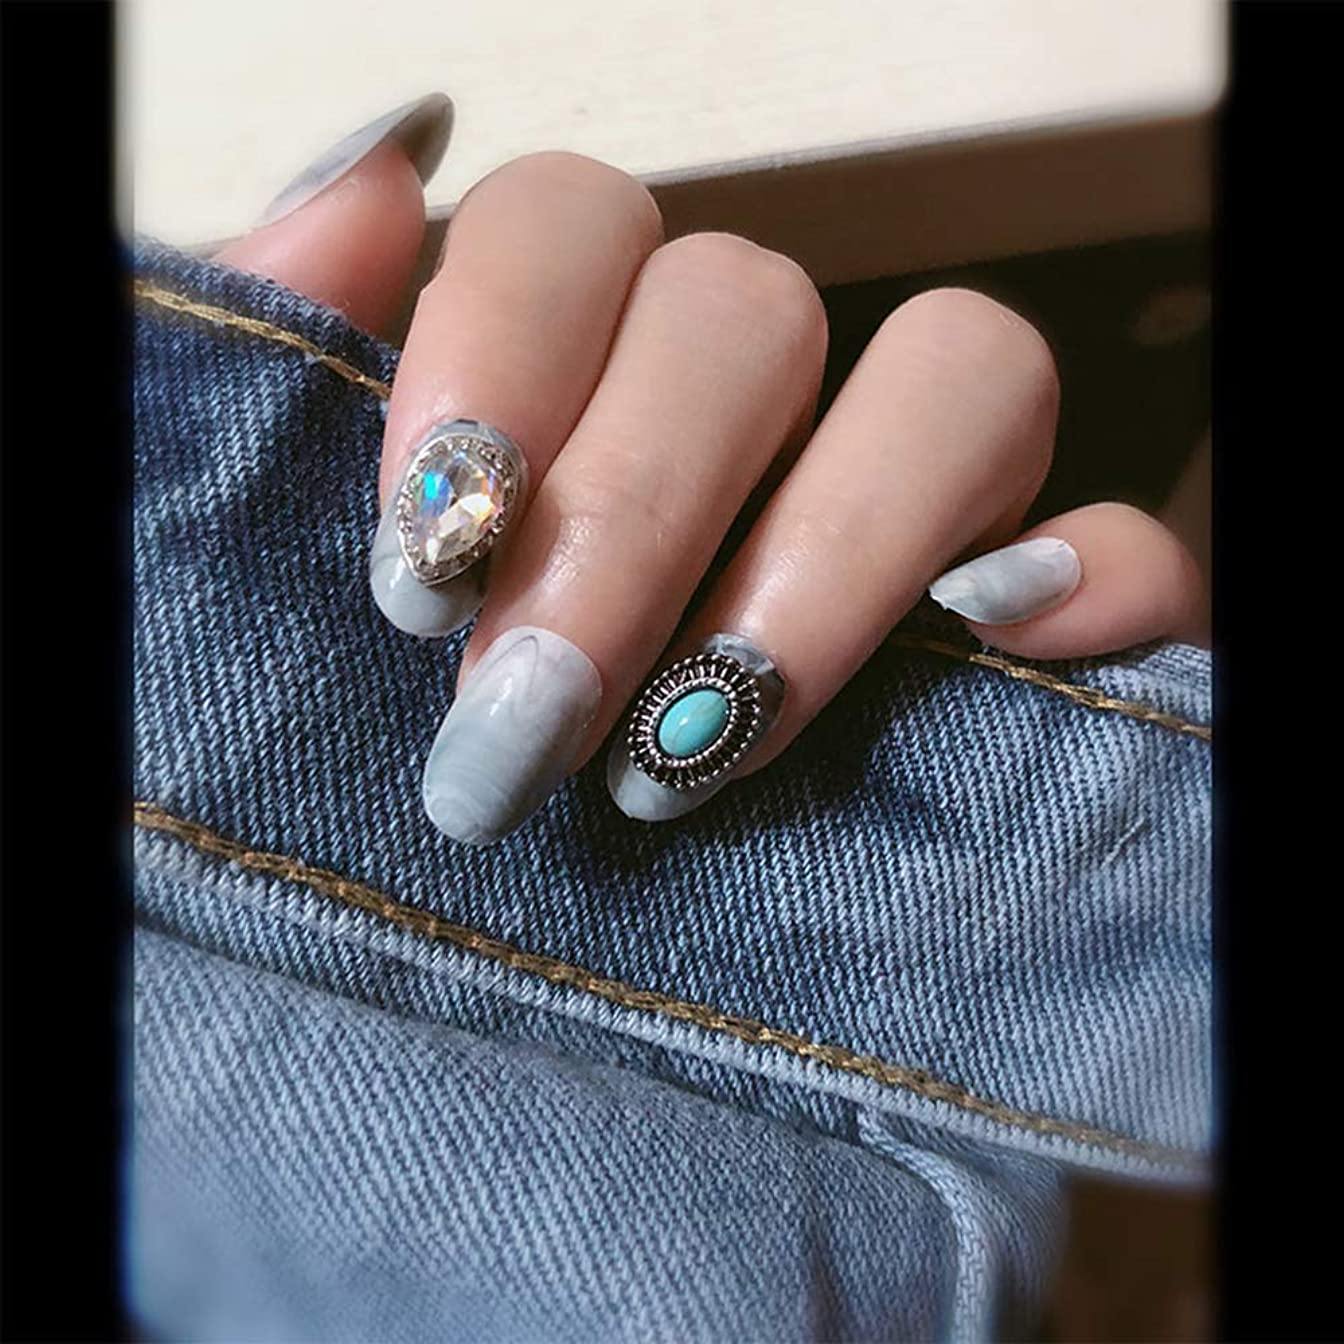 テザージャーナルにもかかわらずXUTXZKA 偽の爪を持つ丸い大理石のパターン女性の完全な爪のヒント花嫁の偽の爪